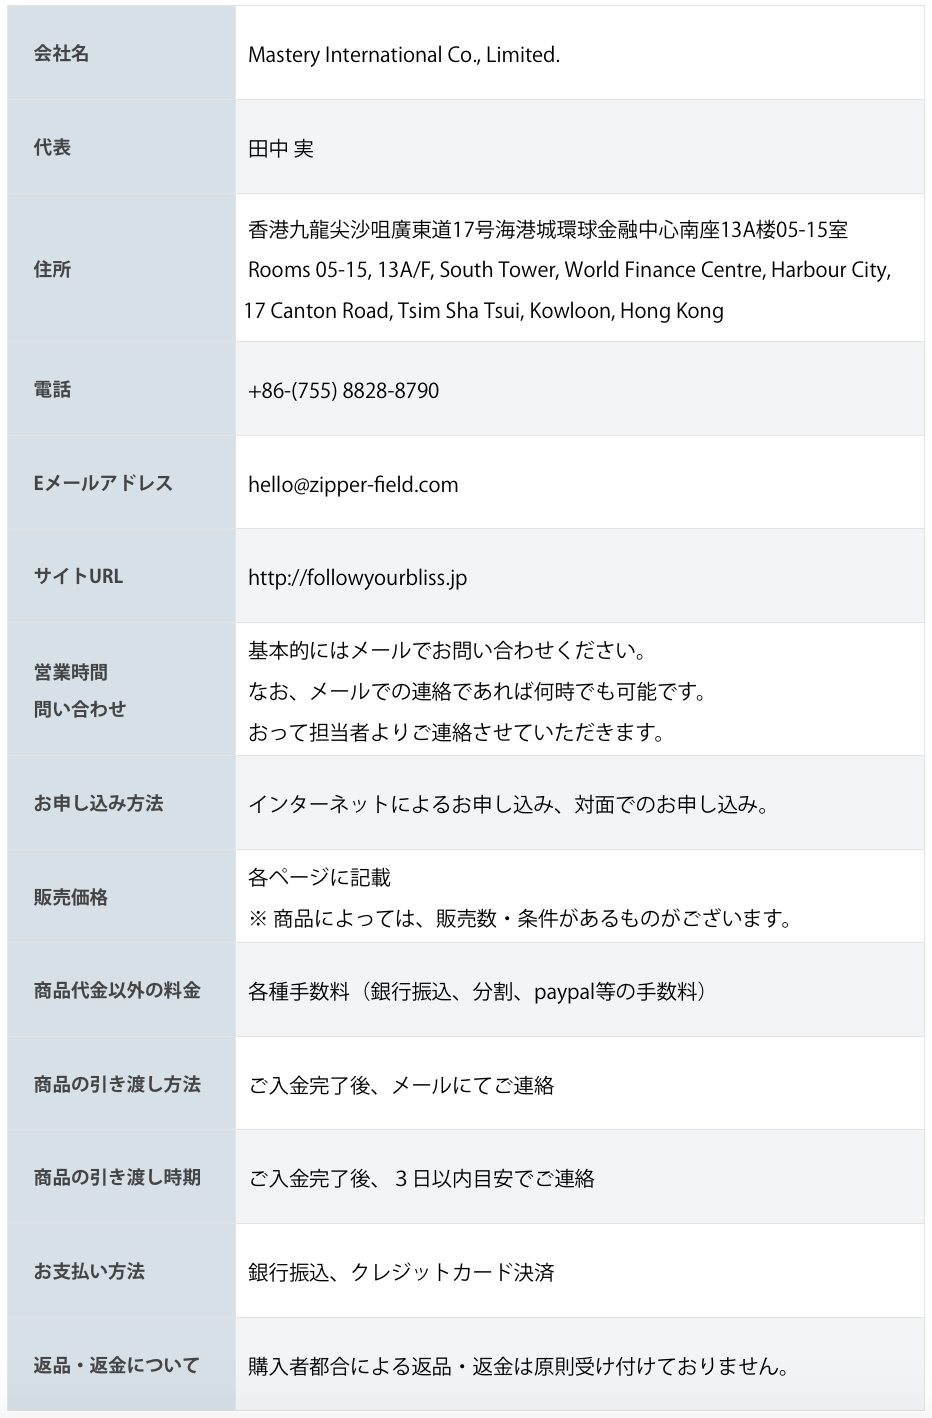 スクリーンショット 2015-01-09 2.40.41